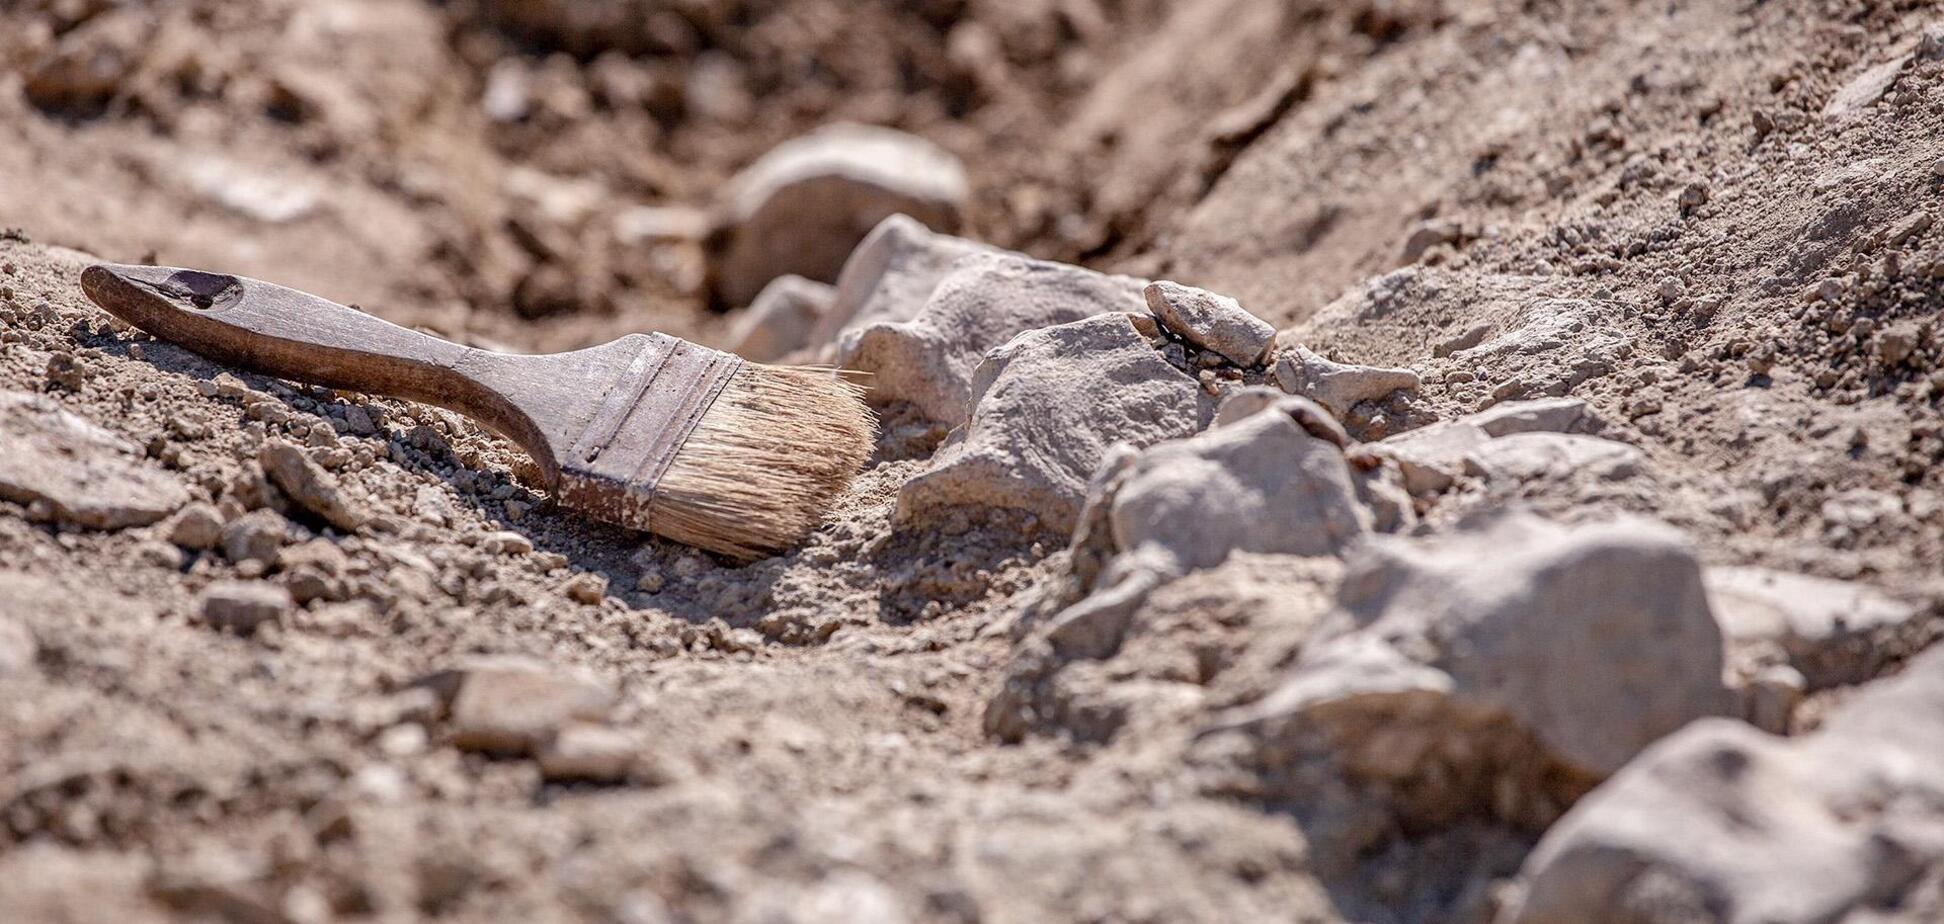 Археологи обнаружили поселения времен позднего палеолита